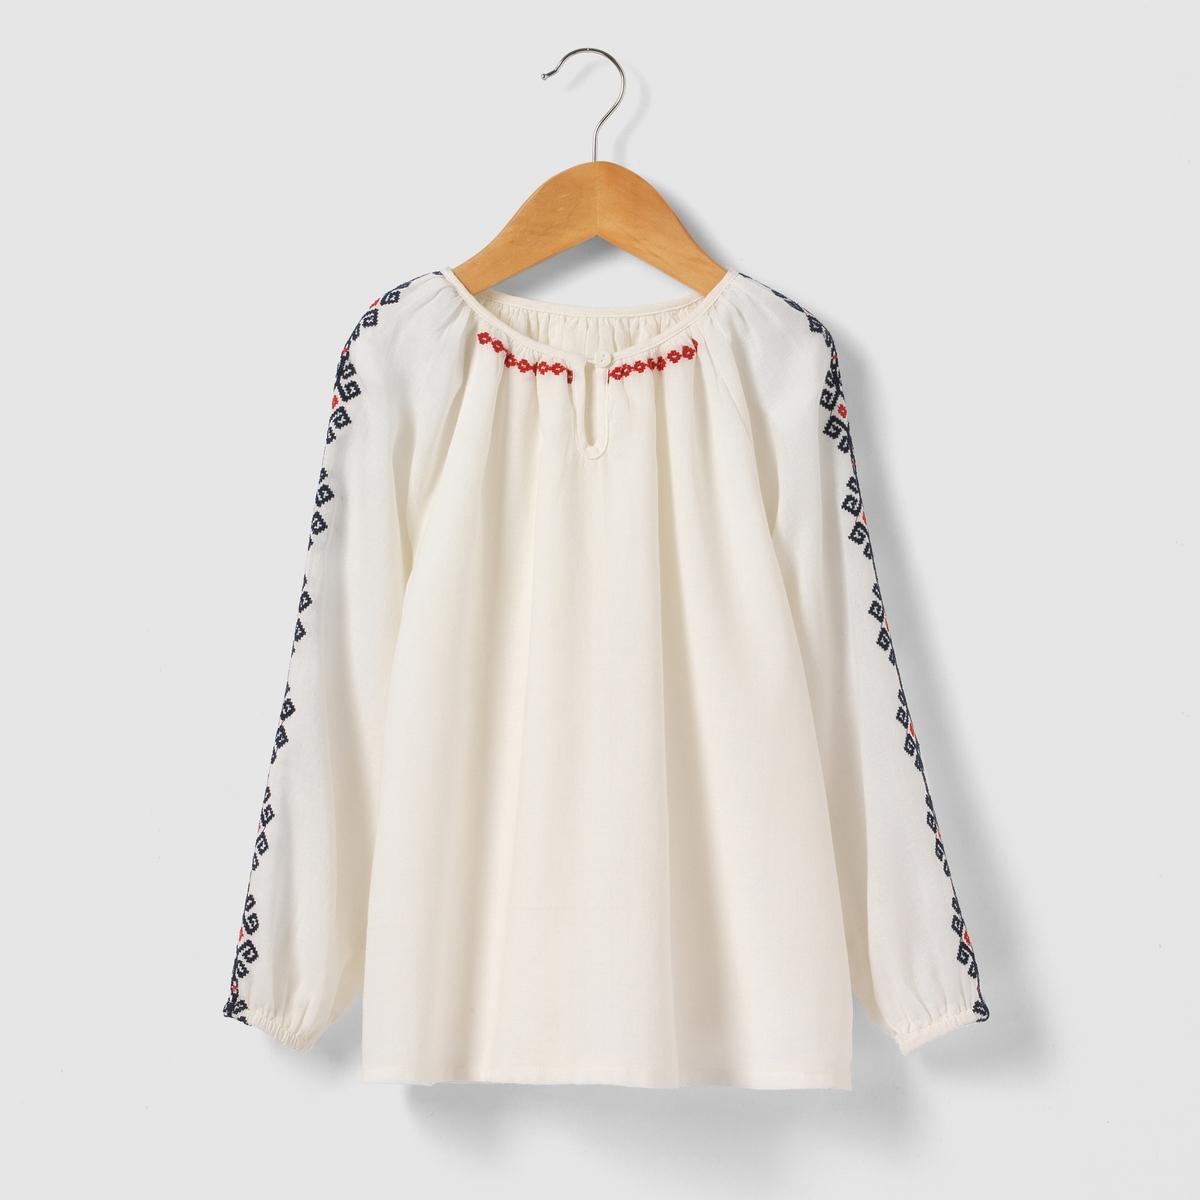 Блузка с длинными рукавами в стиле фолк 3-12 лет